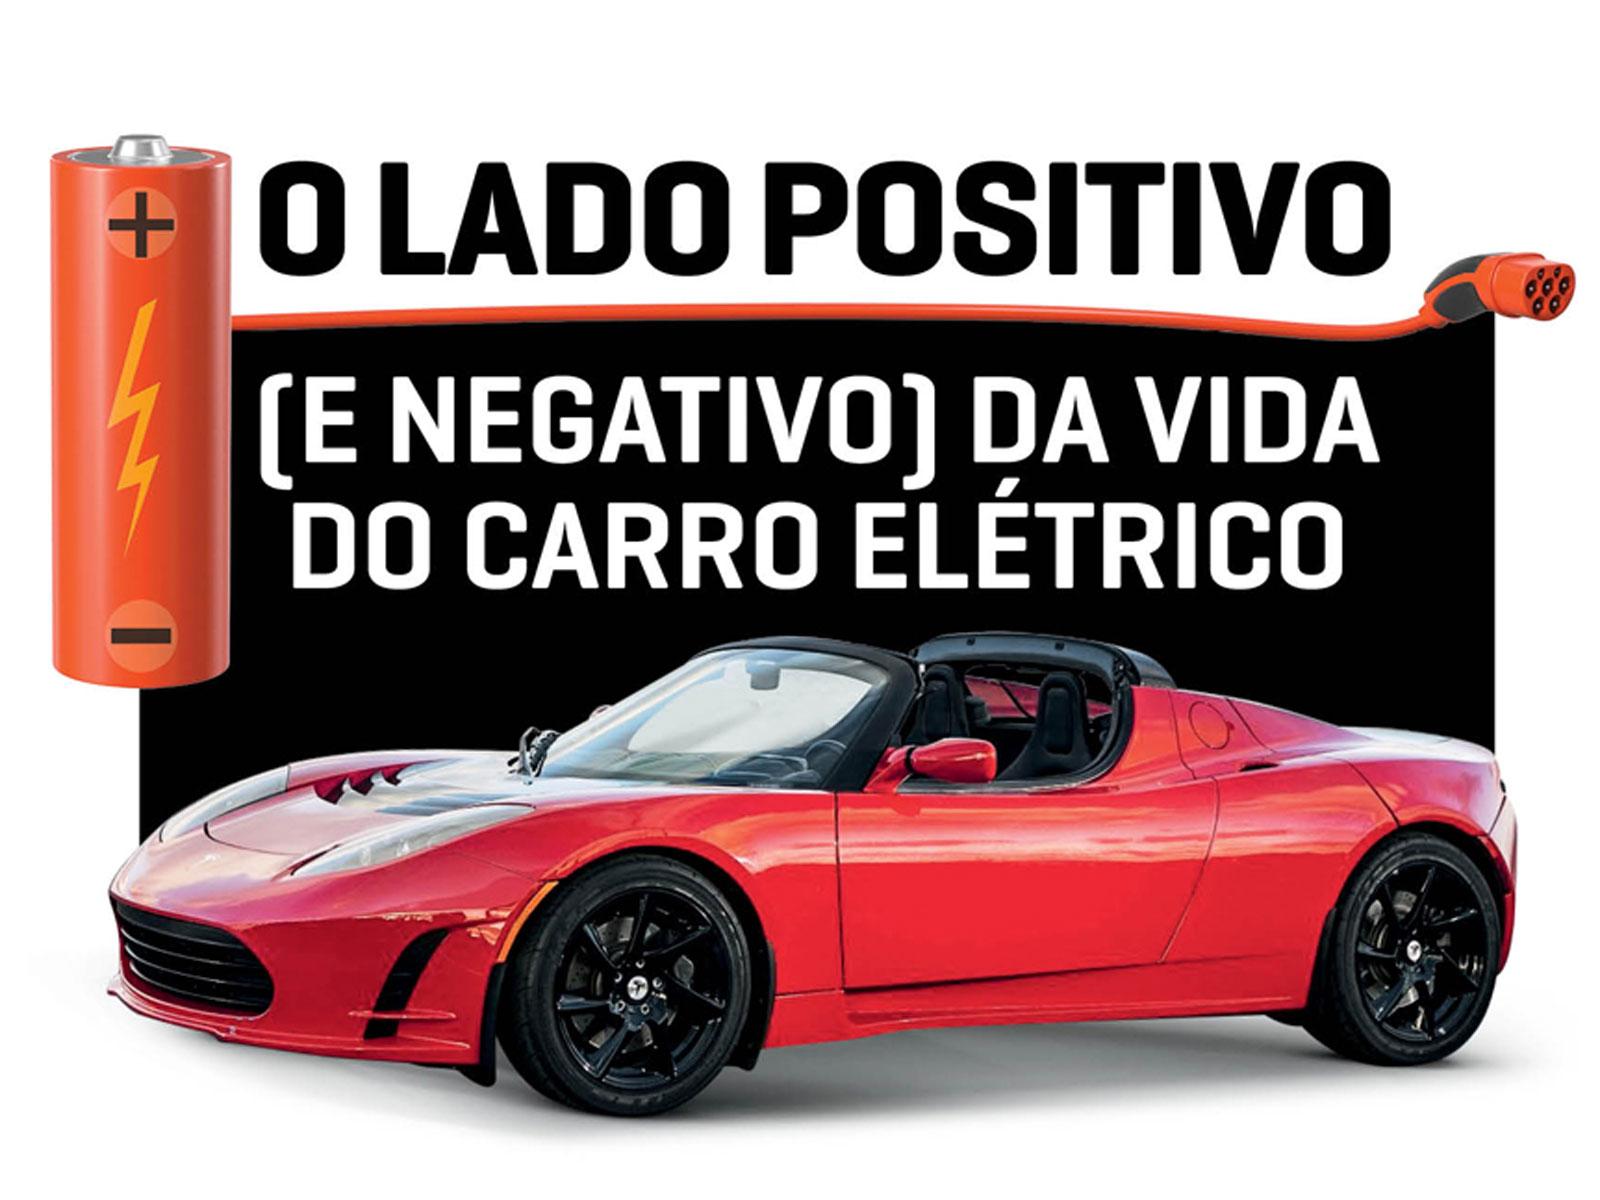 O lado positivo e negativo dos carros elétricos